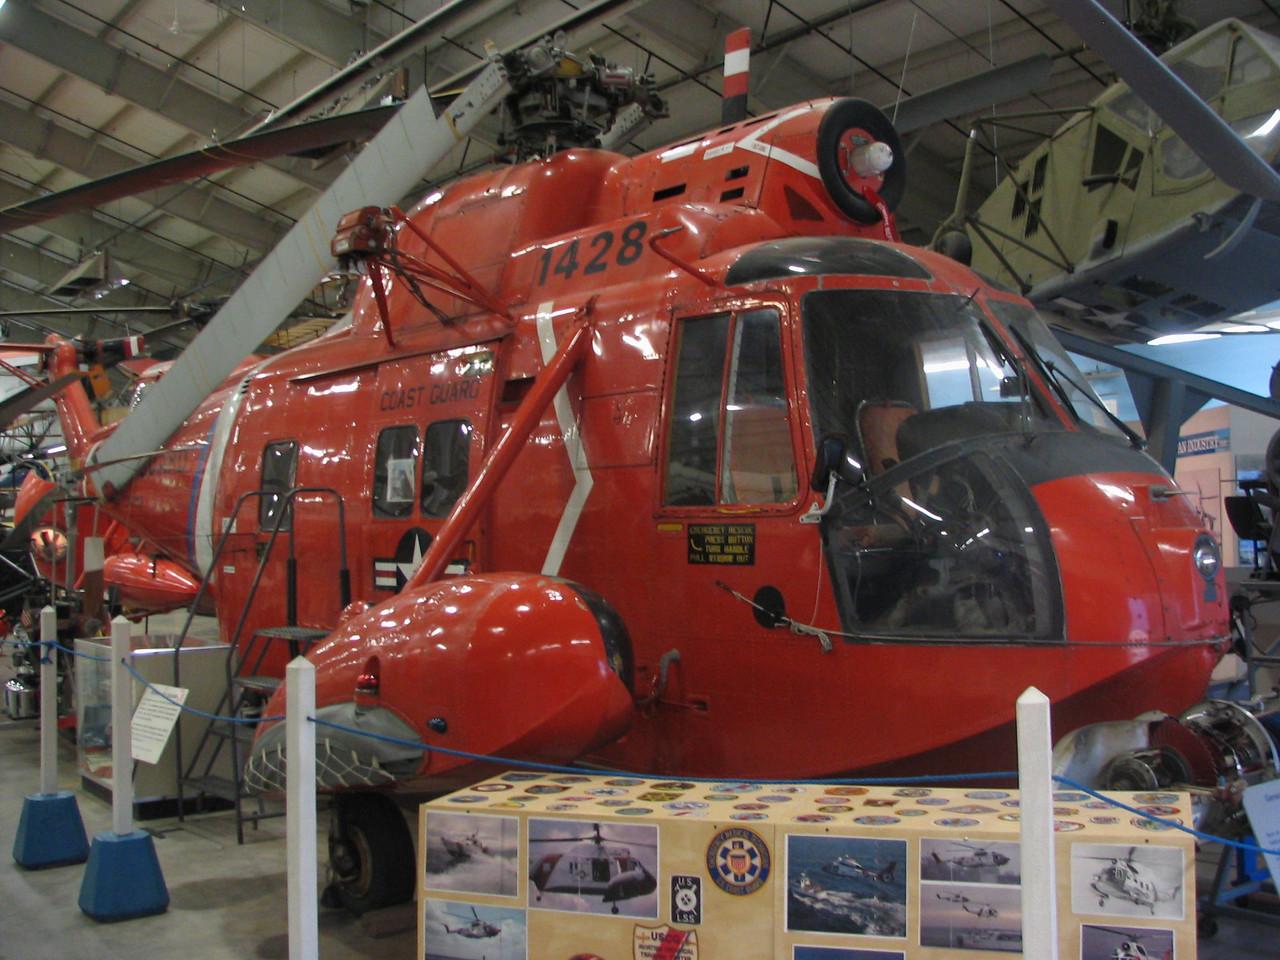 Sikorsky H-52A 'Seaguard'